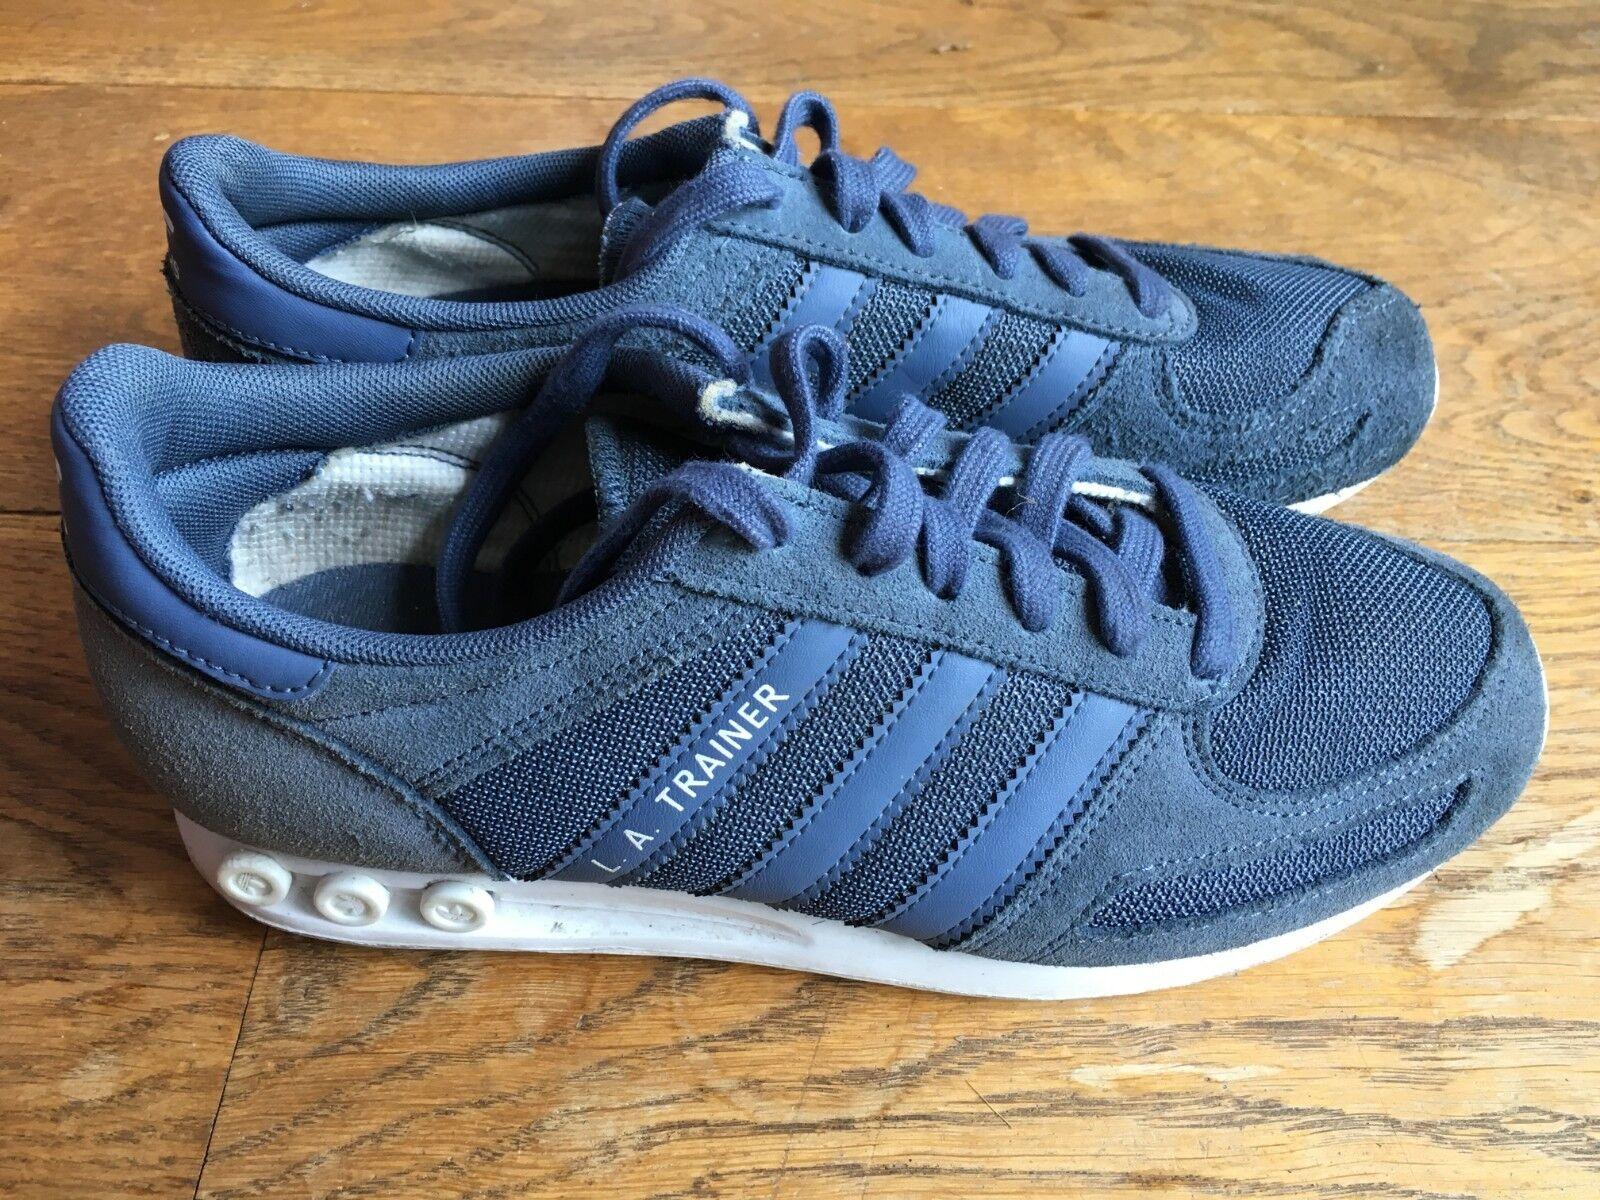 adidas originaux l un formateur mesdames les formateurs en 6 gris  taille 6 en 24c69e